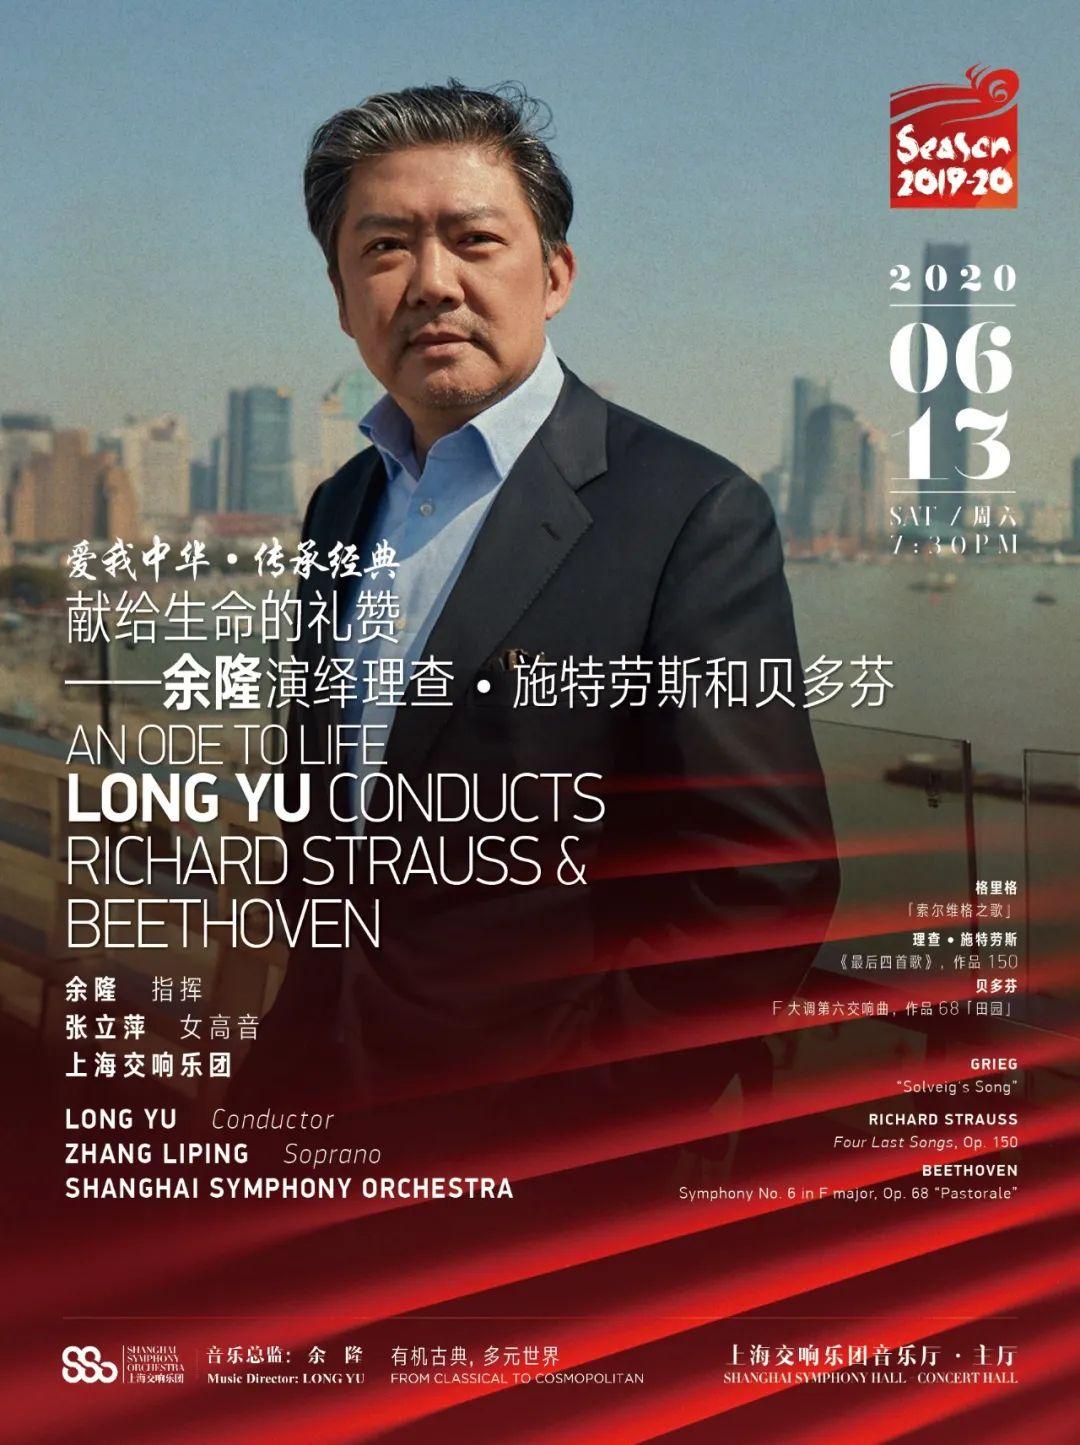 上海交响乐团音乐厅开票